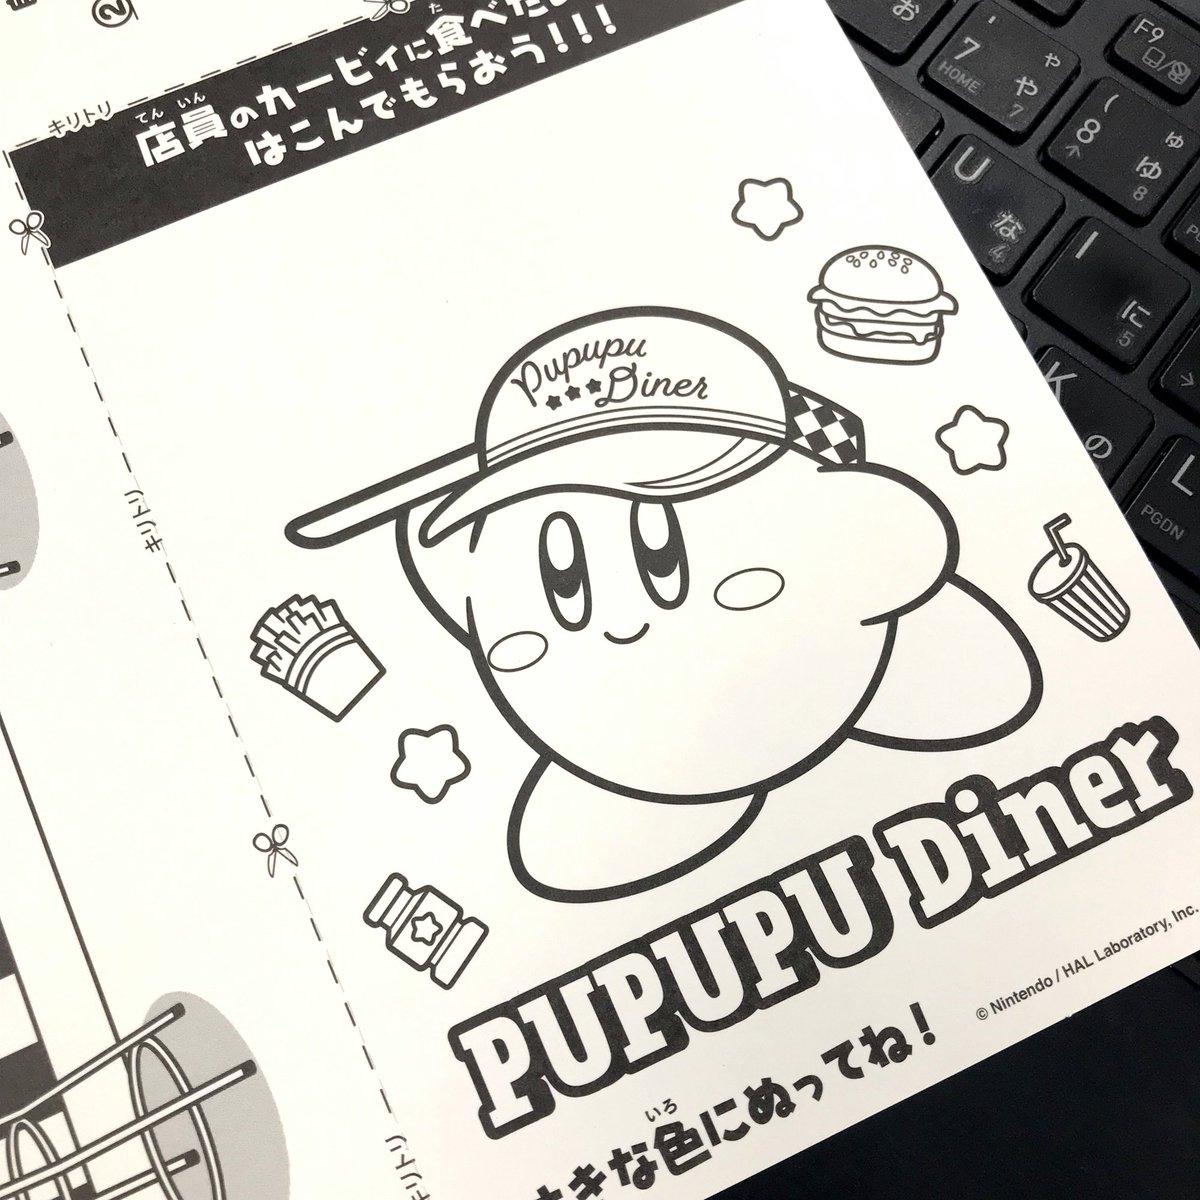 キャラとる On Twitter 皆サン星のカービィ キャンペーン Pupupu